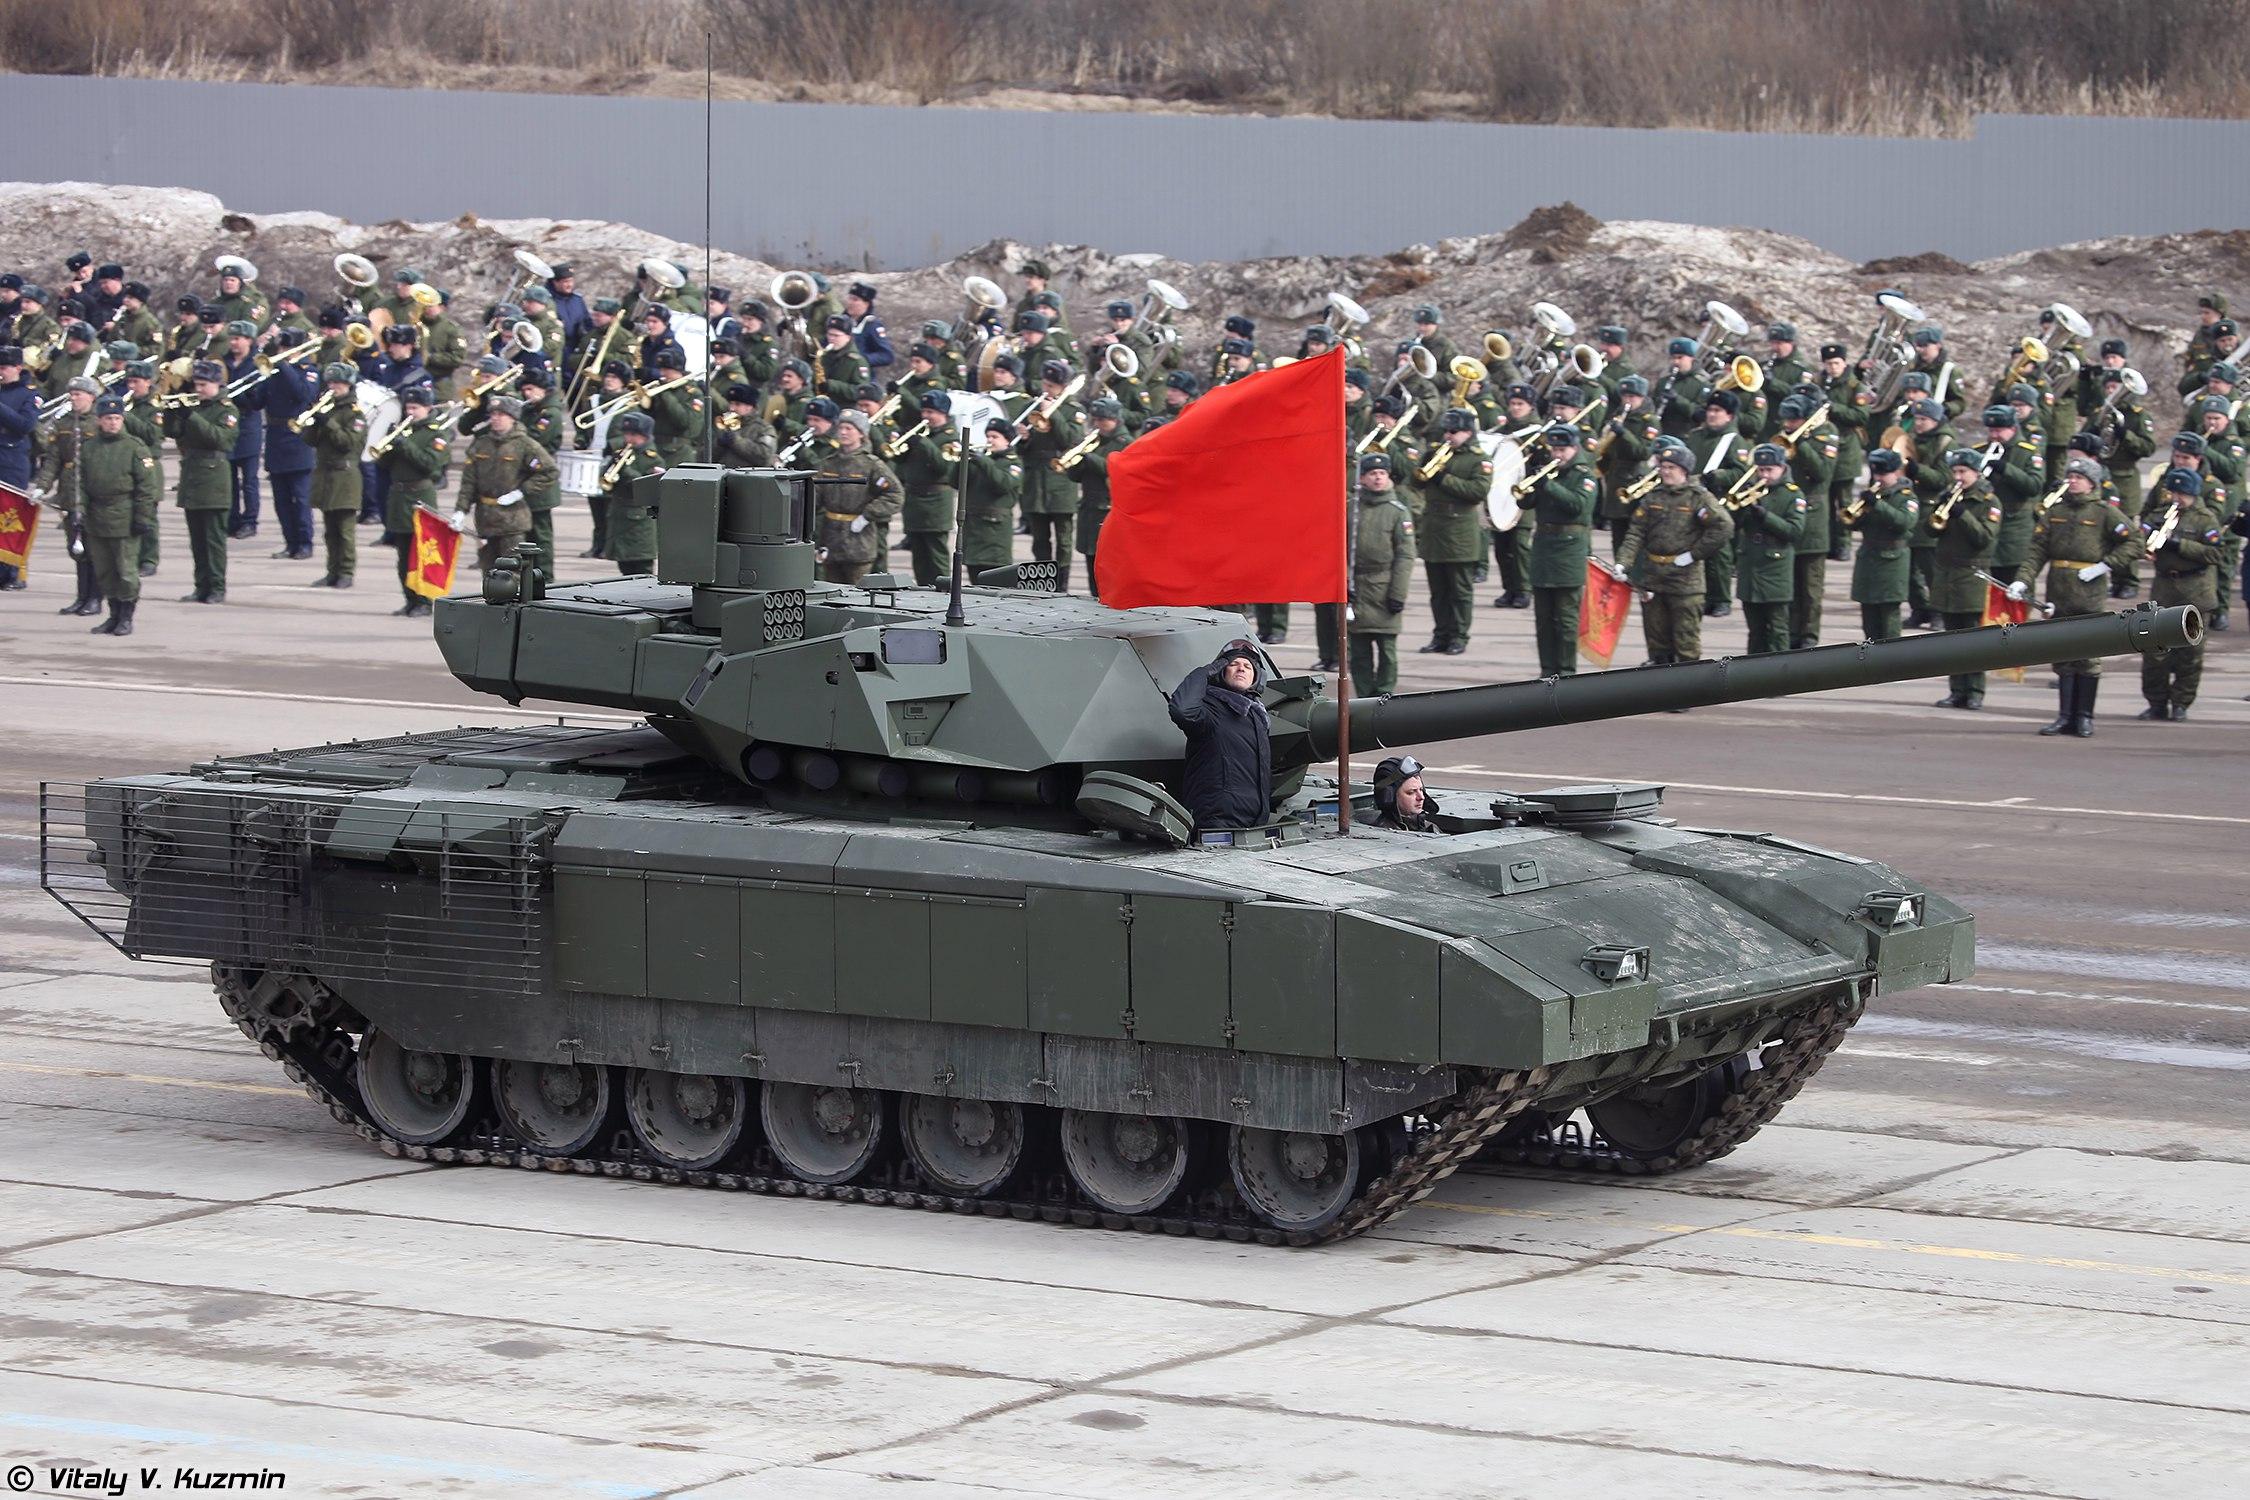 5월 9일 행진 예행연습중인 T-14